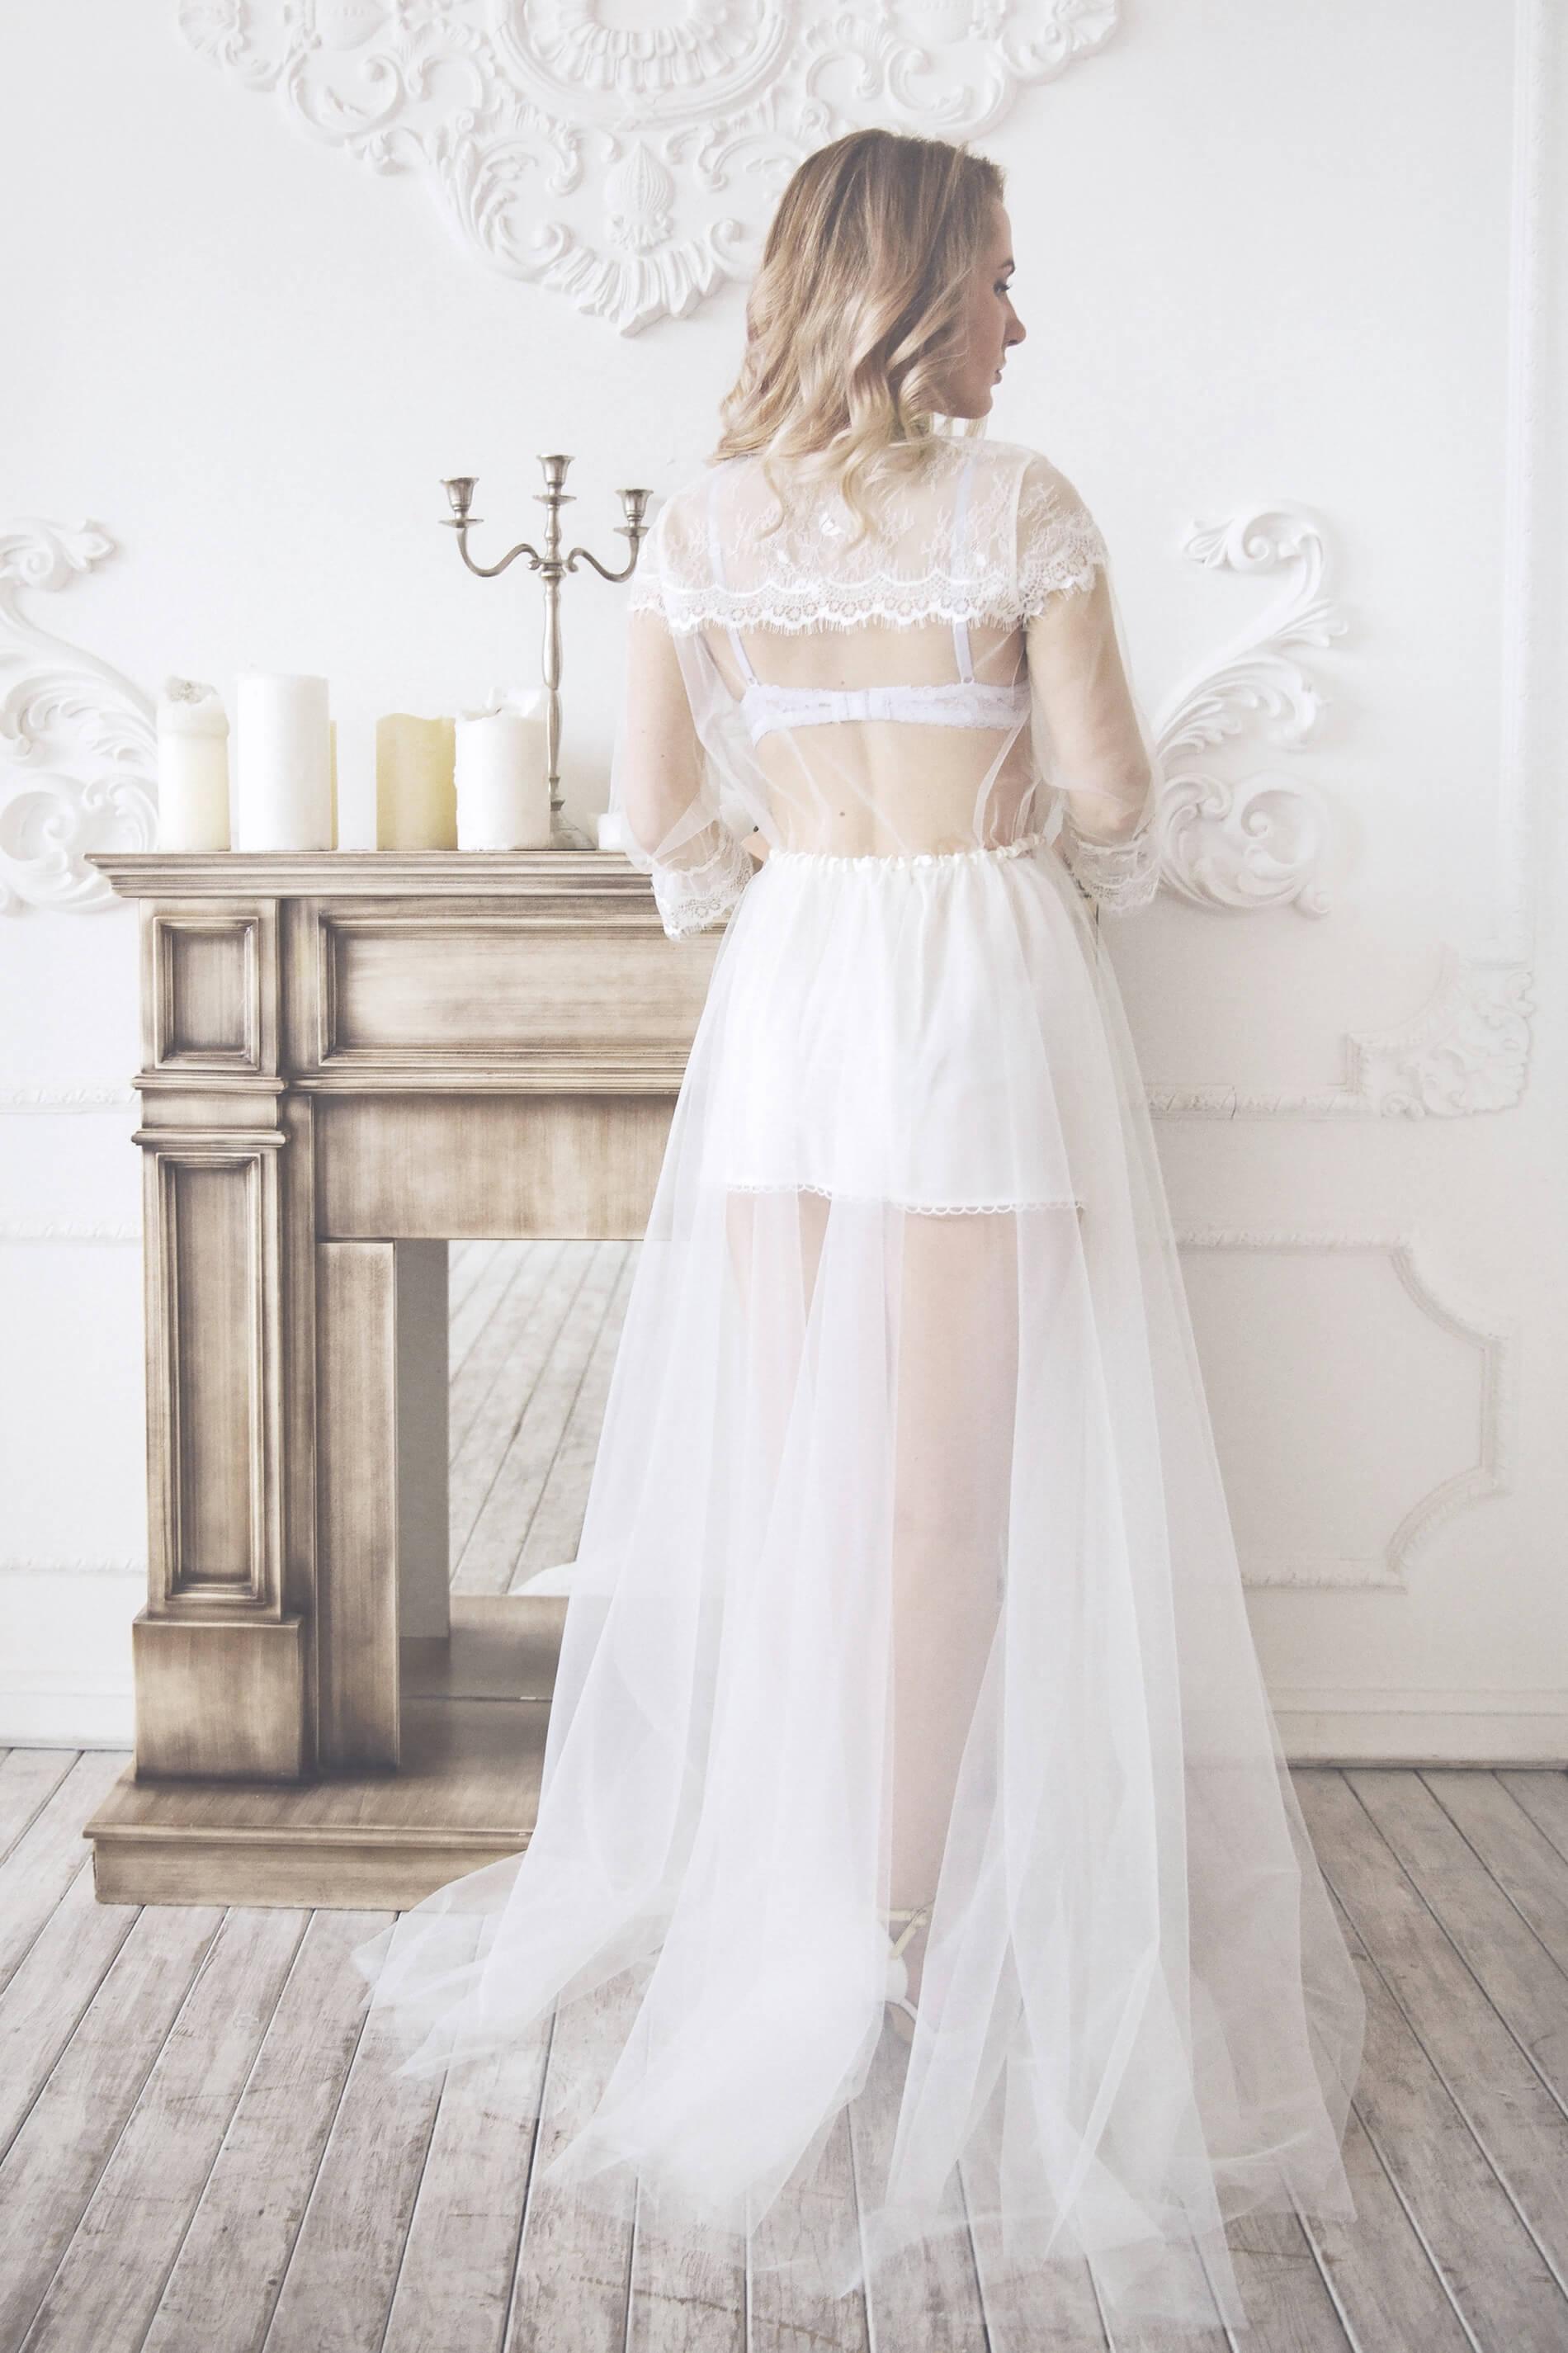 Работа девушка модель для свадебных платьев фото марии мироновой